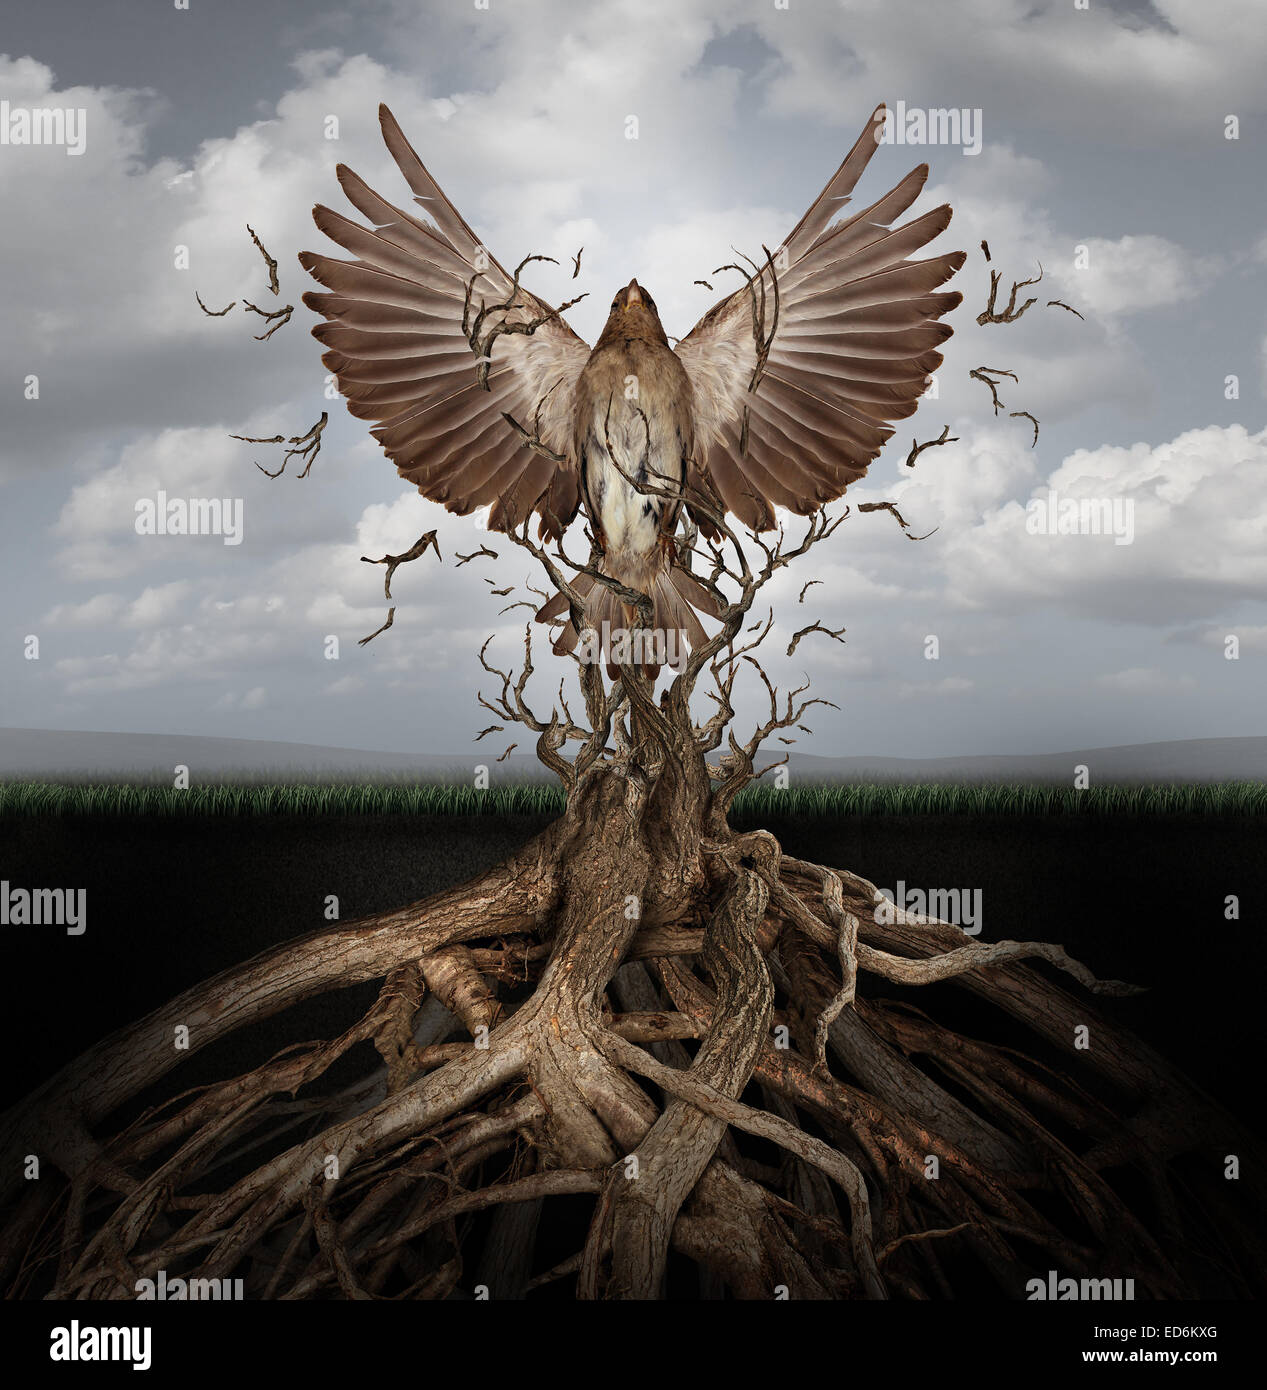 Nueva vida liberarse como un concepto de libertad y de poder como el surgimiento del fénix renace y superar Imagen De Stock